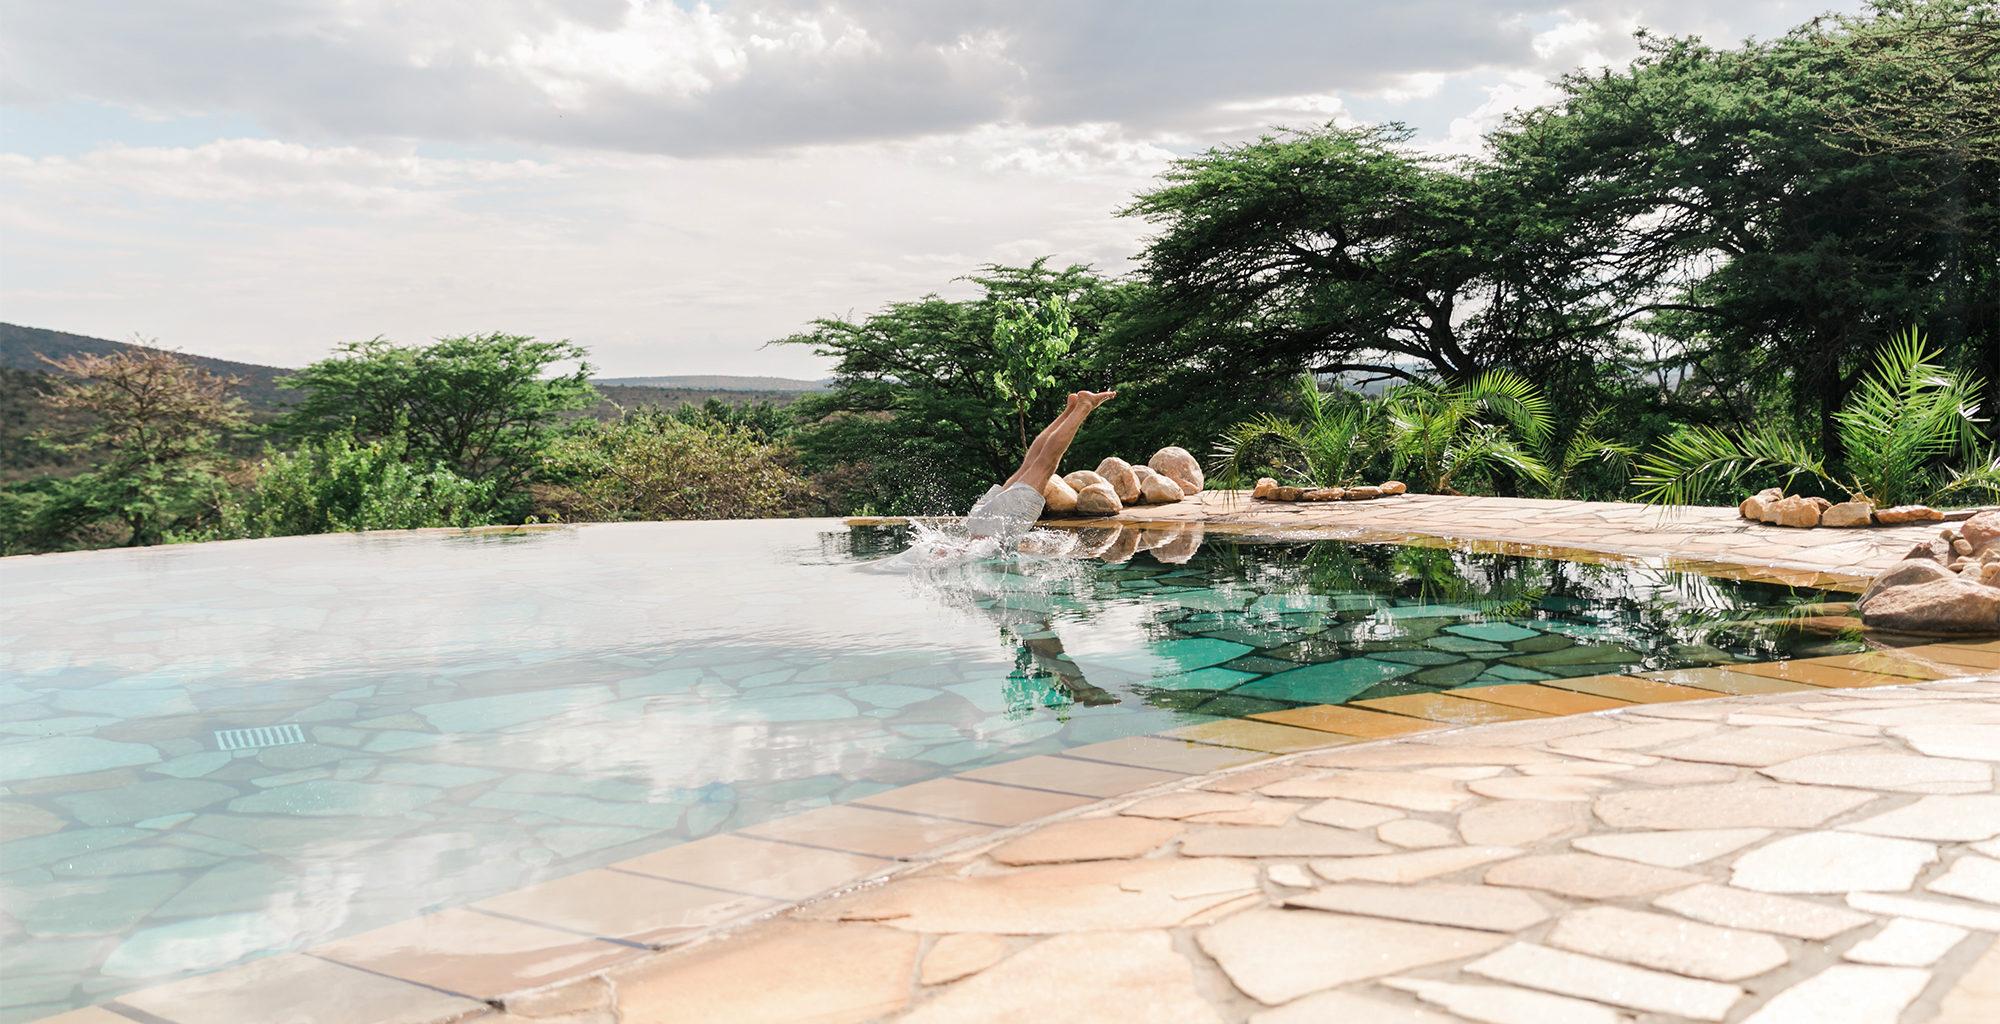 Kenya-Cottars-1920-Safari-Swimming-Pool